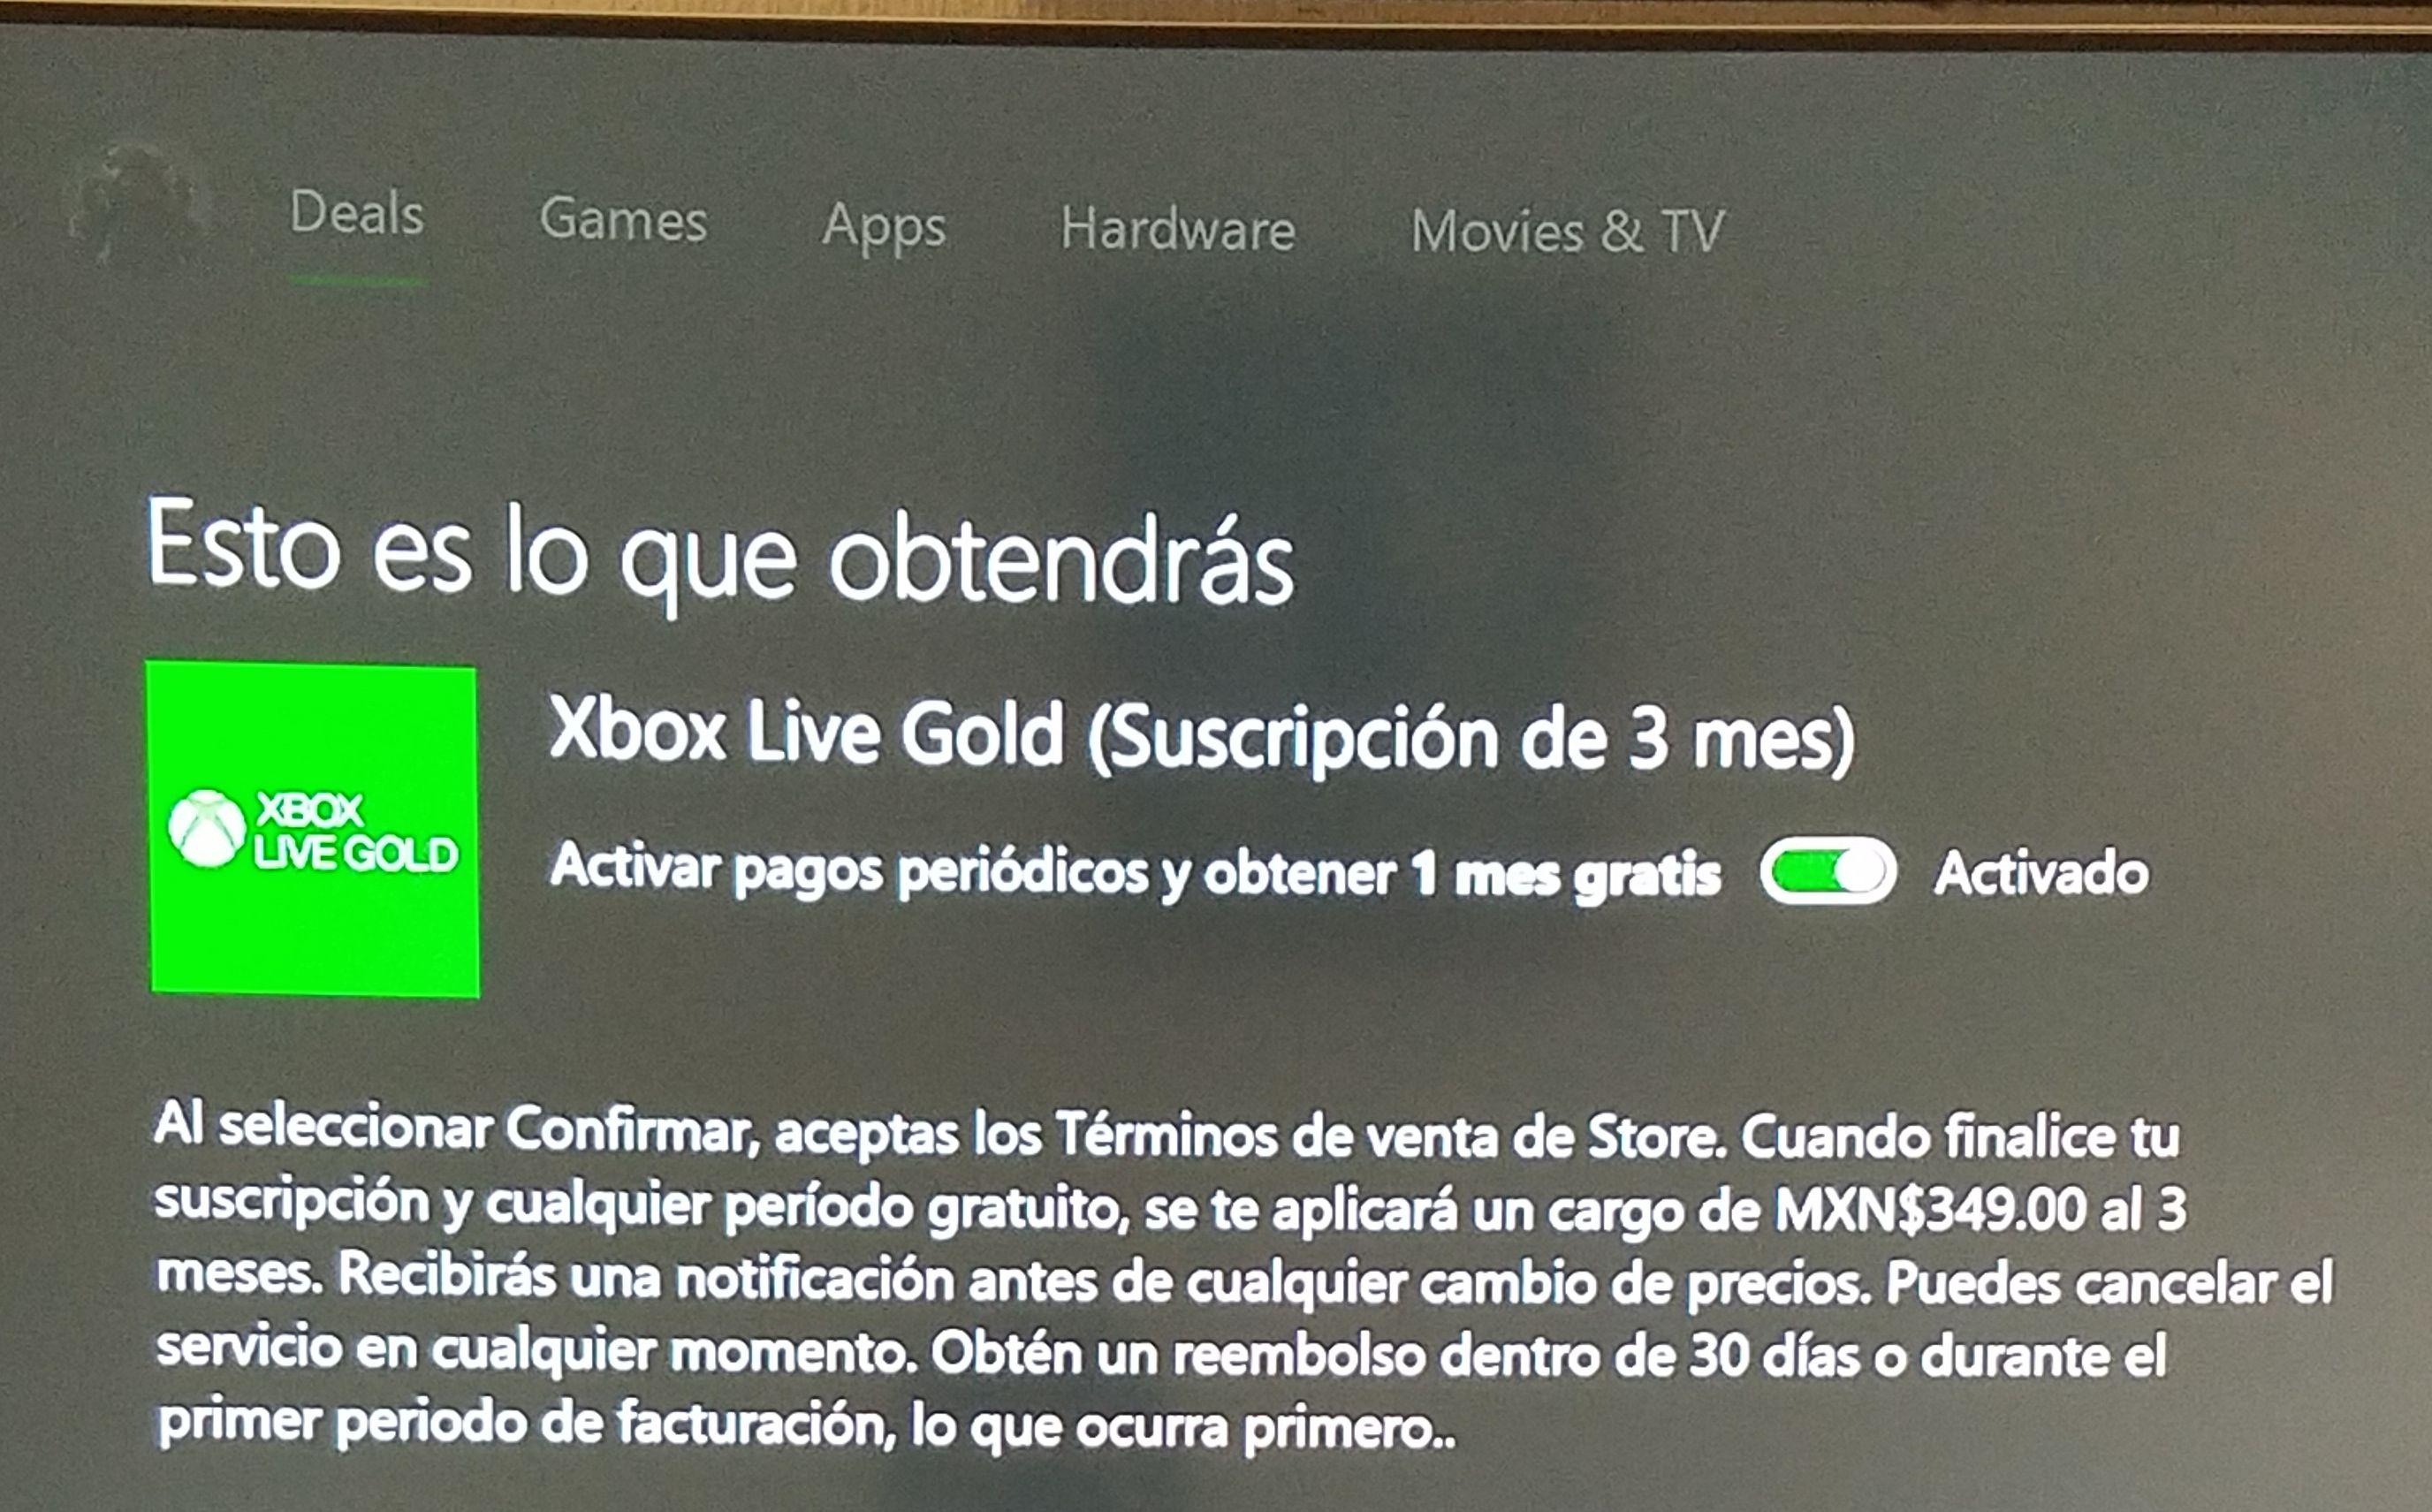 Xbox: XBOX GOLD. 1 mes de regalo al activar pagos Periódicos.